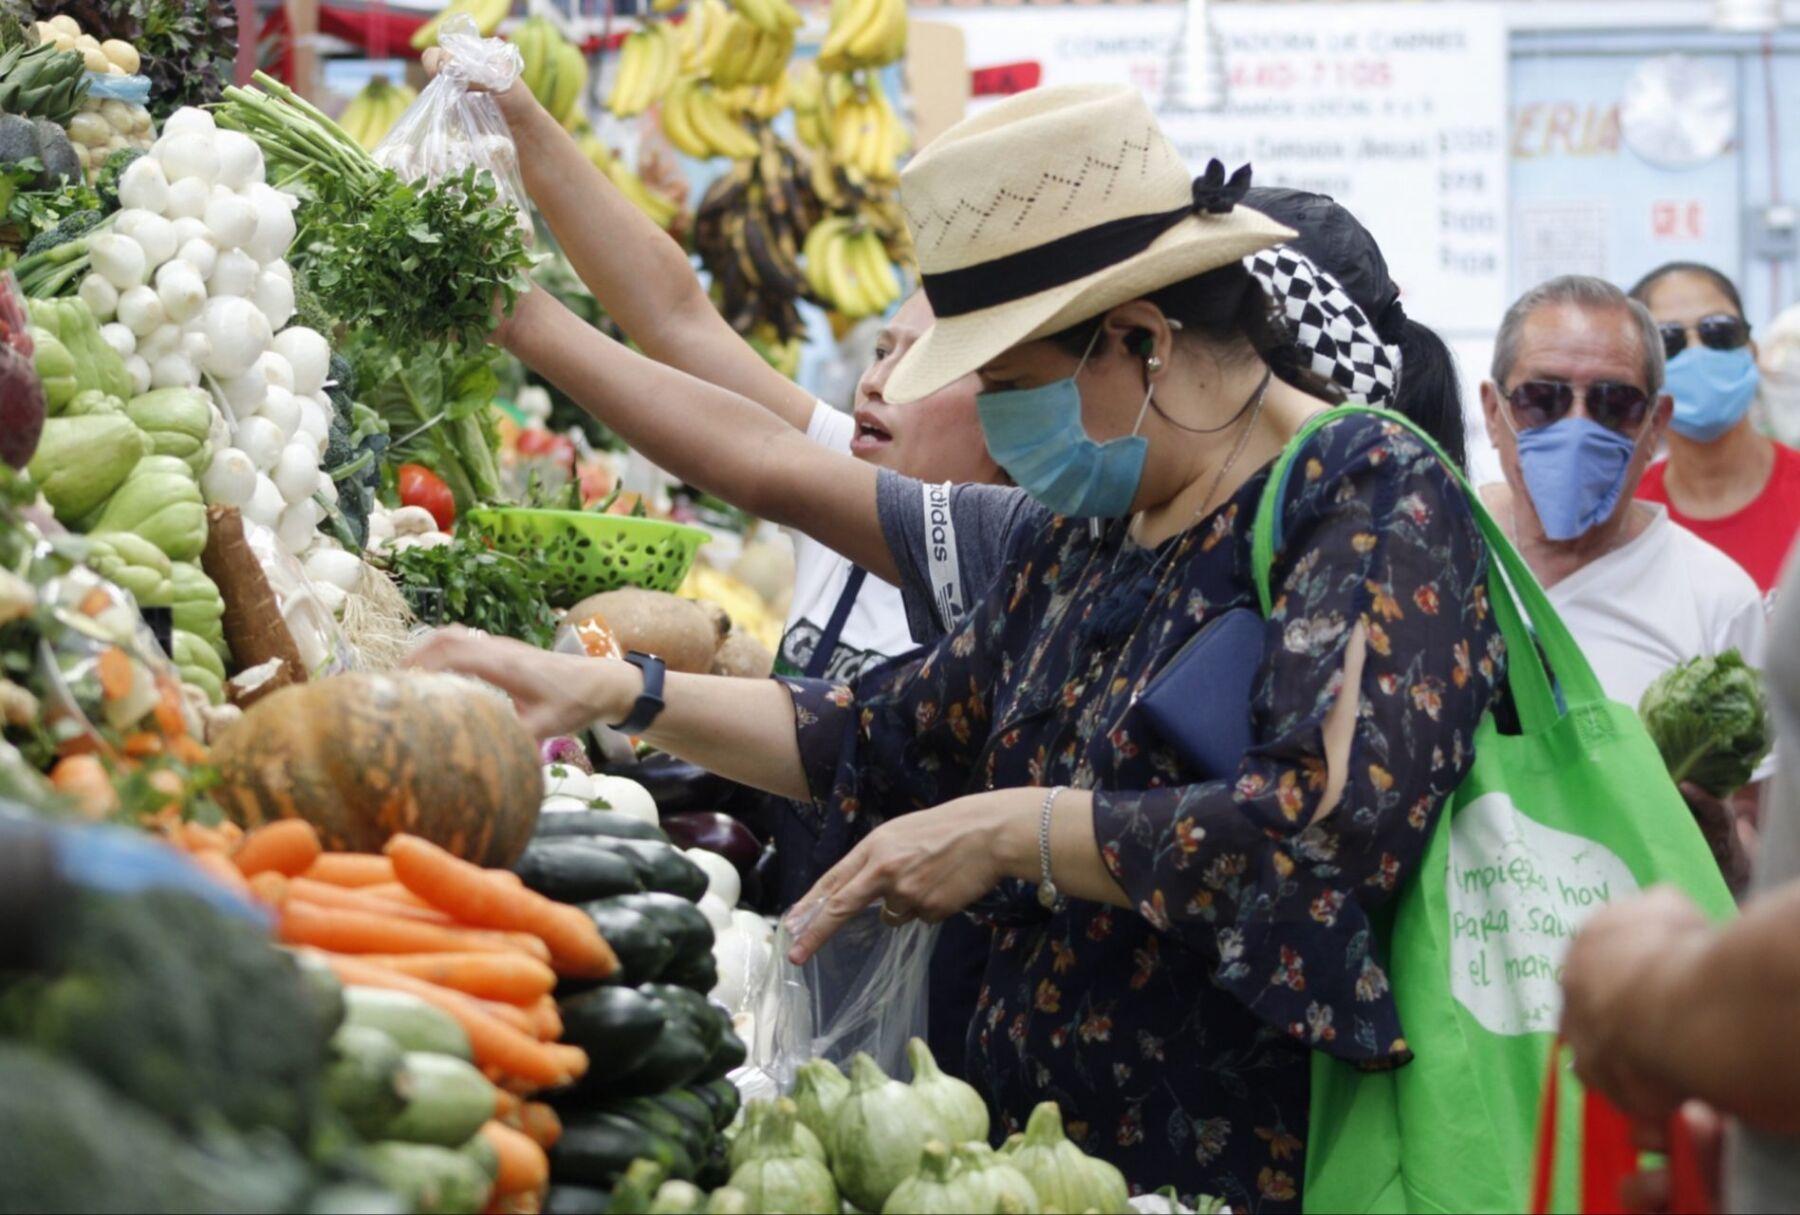 A pesar de que el Subsecretario de Salud, Hugo López Gatell, informó a la población que deben quedarse en casa para no propagar más el virus COVID-19, capitalinos acuden al Mercado Álamos portando cubrebocas como medida de prevención, para comprar alimentos